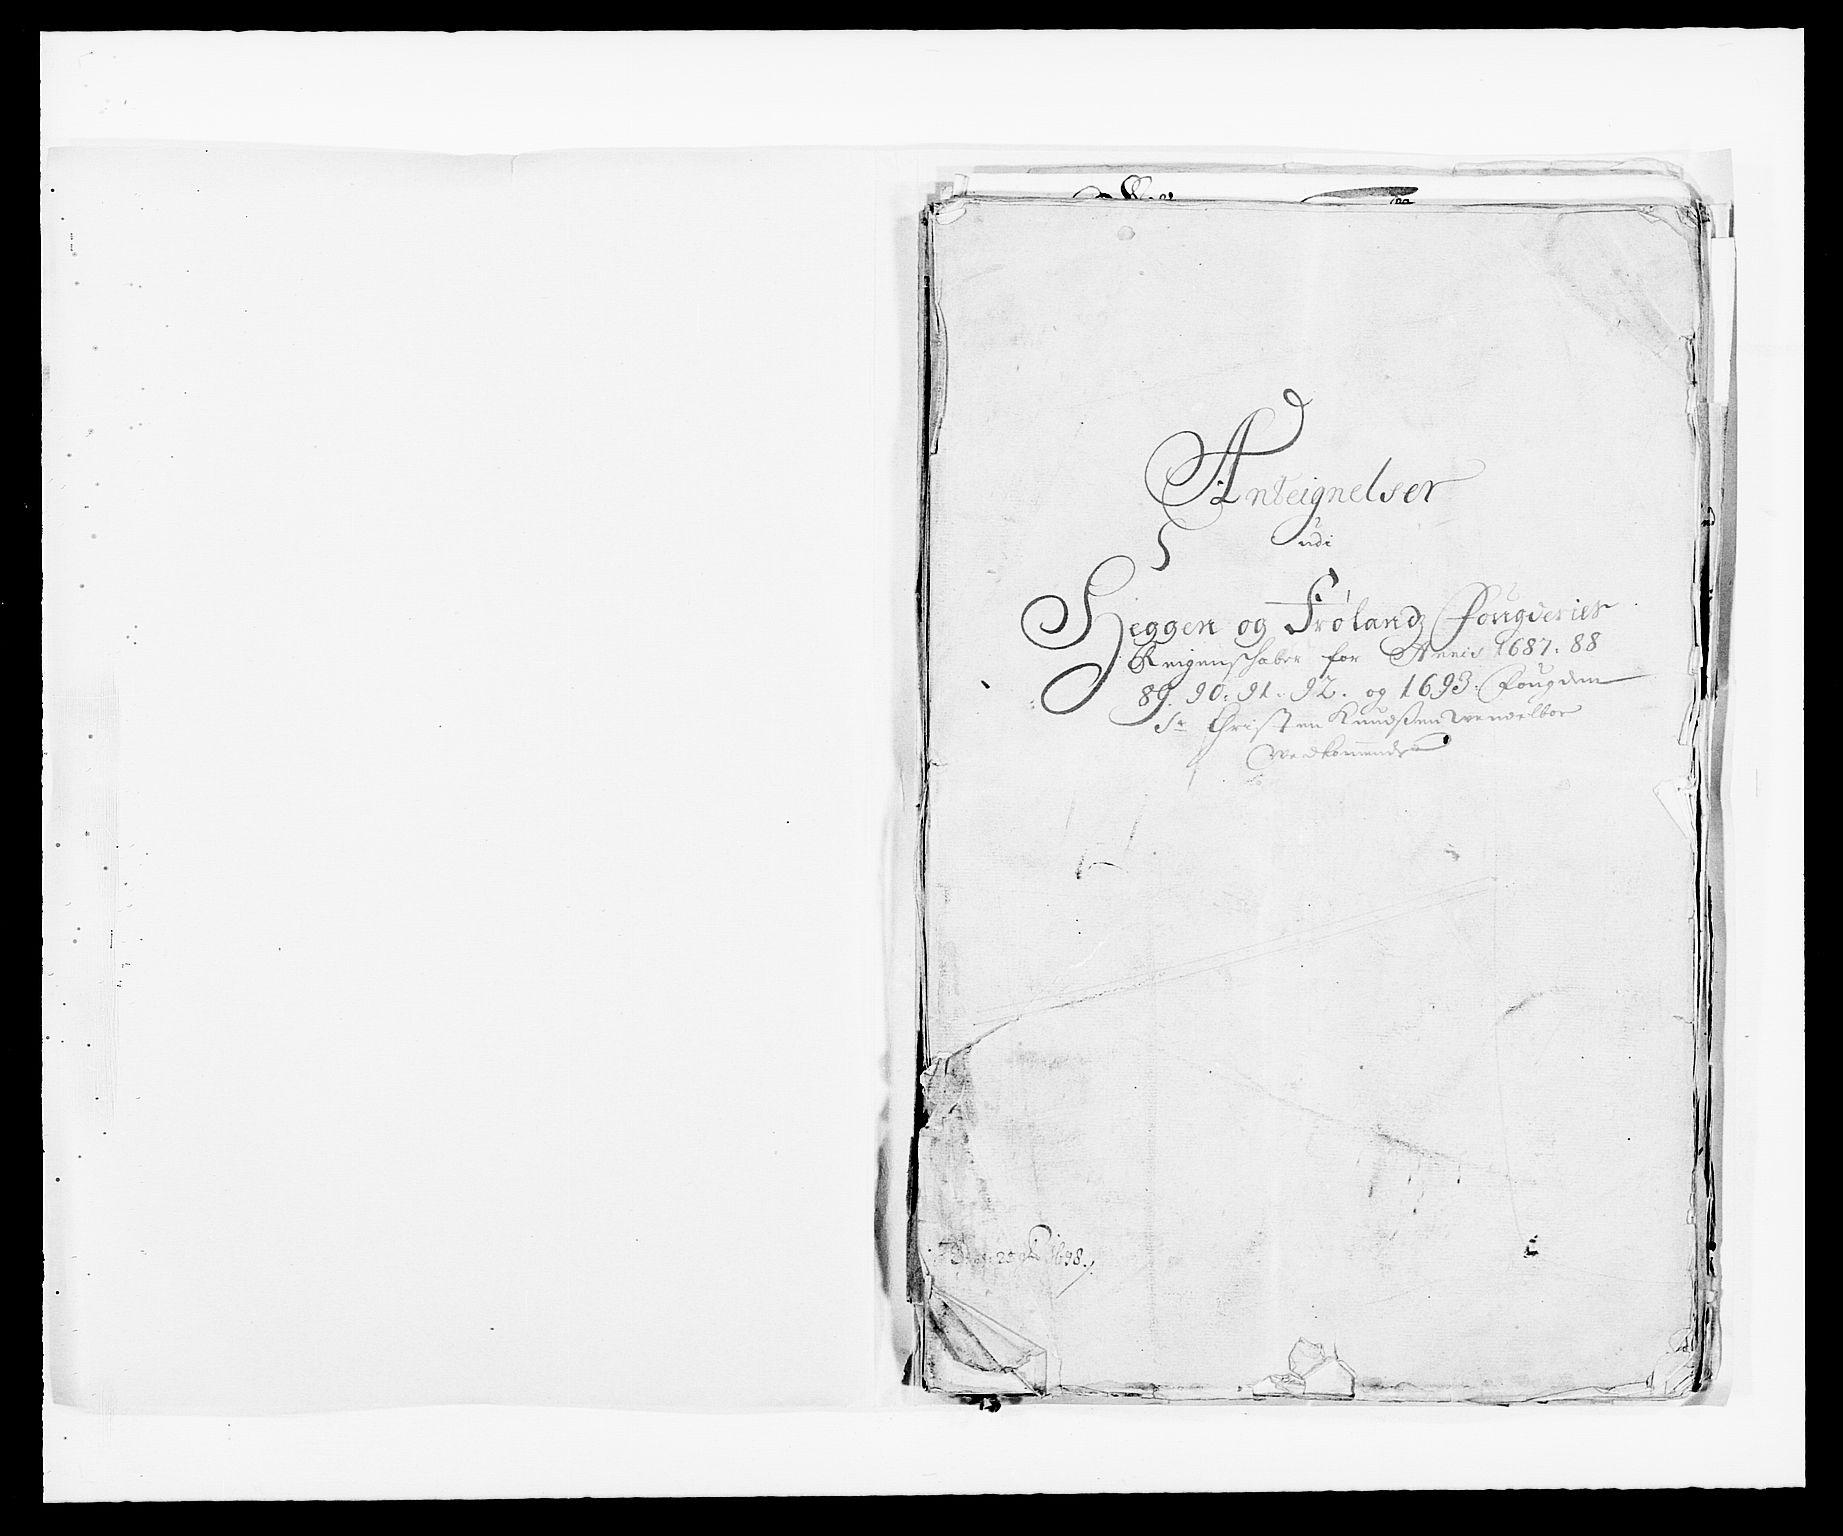 RA, Rentekammeret inntil 1814, Reviderte regnskaper, Fogderegnskap, R06/L0283: Fogderegnskap Heggen og Frøland, 1691-1693, s. 425